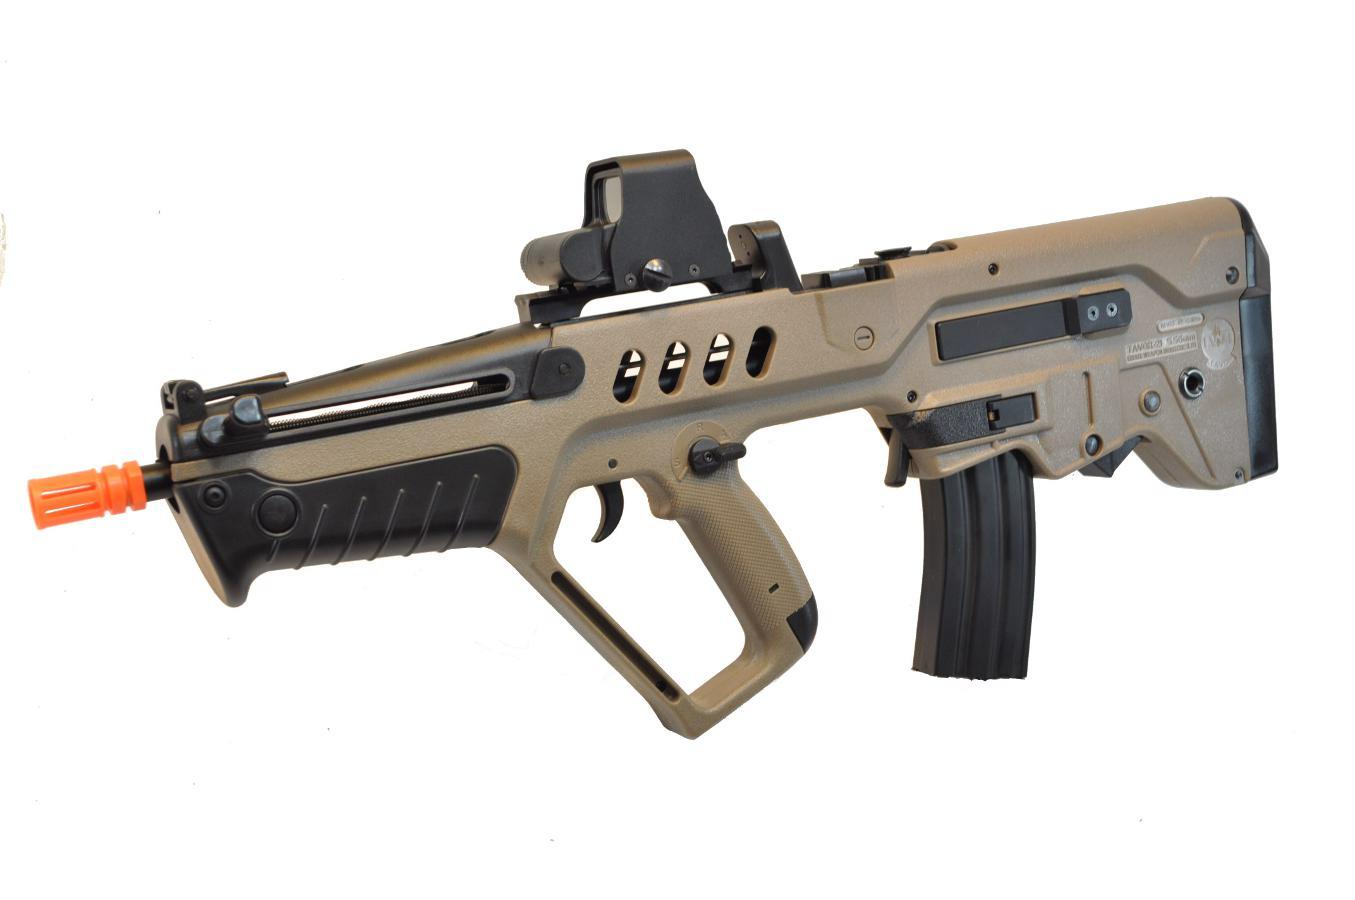 tar21_st_tavor_airsoft_gun_eotech_scope.